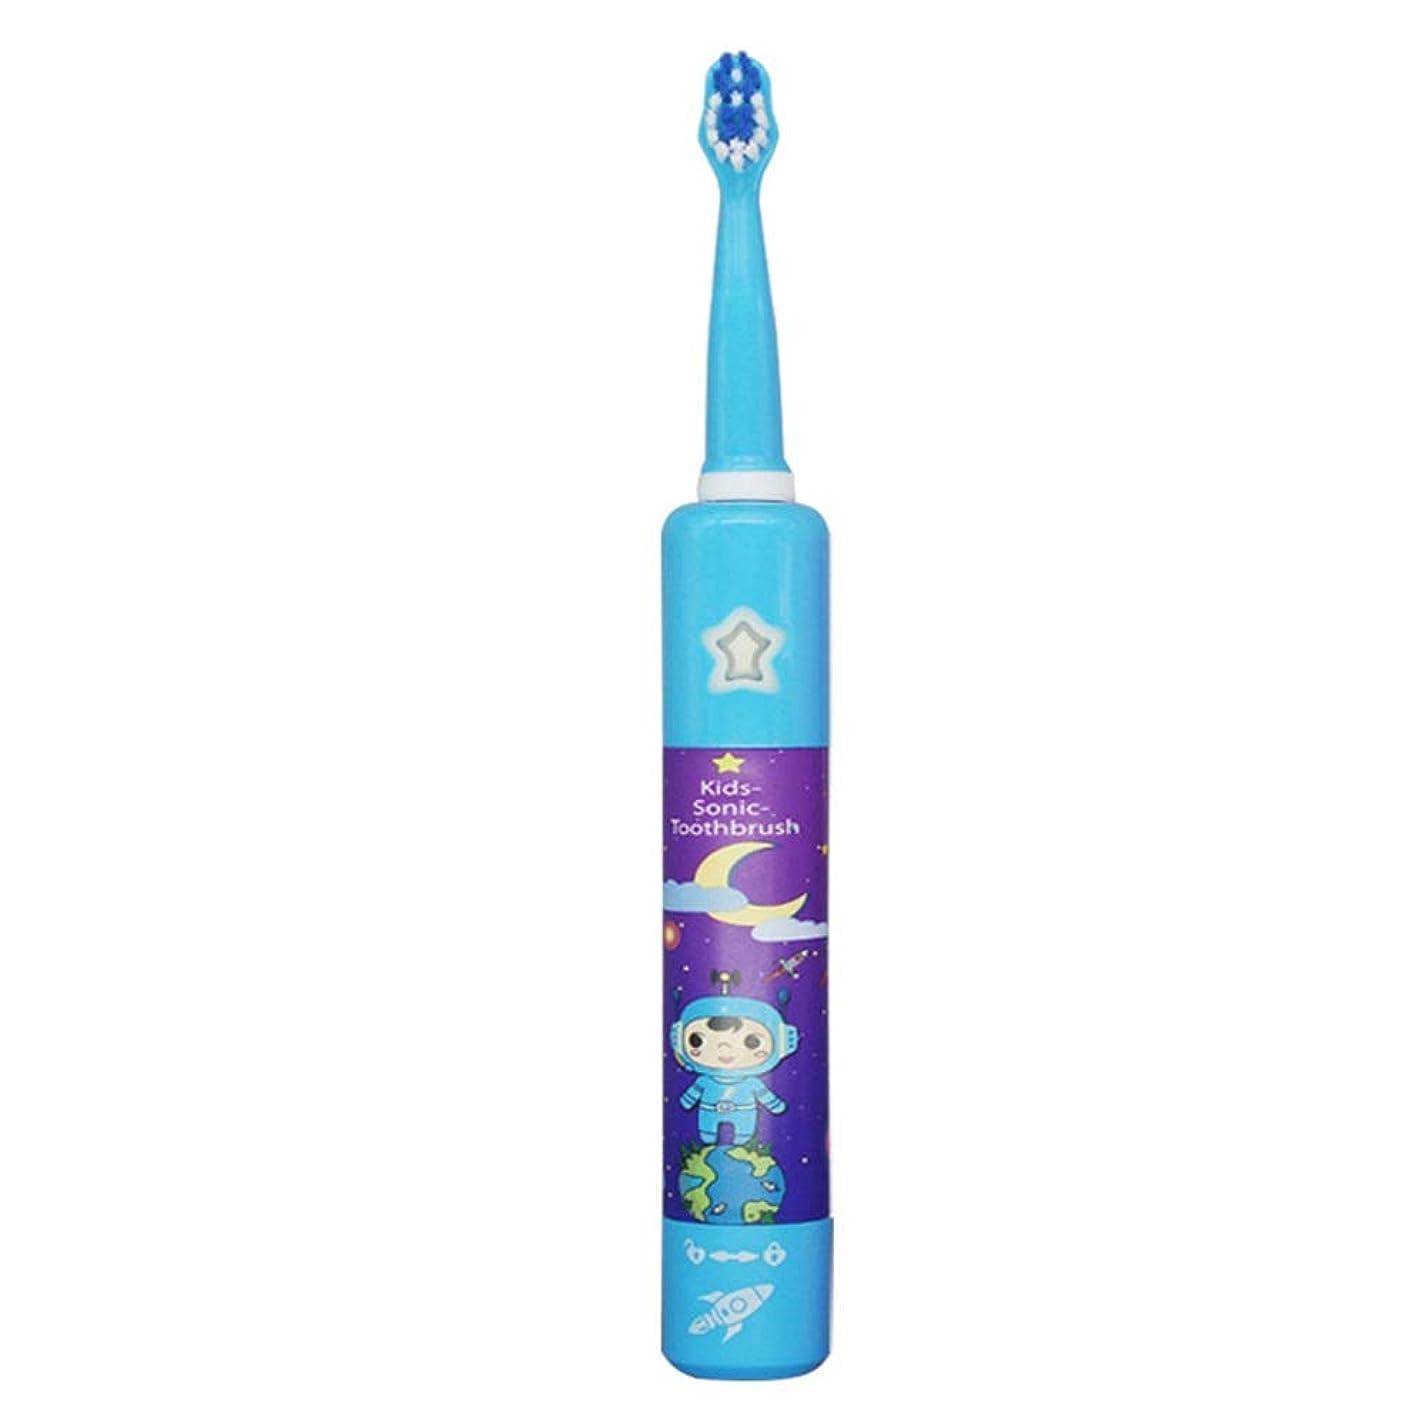 の頭の上ベーリング海峡中断電動歯ブラシ, 子供の電気USB充電式歯ブラシかわいい柔らかい髪音楽歯ブラシホルダーと1つの交換用ヘッド (色 : 青, サイズ : Free size)